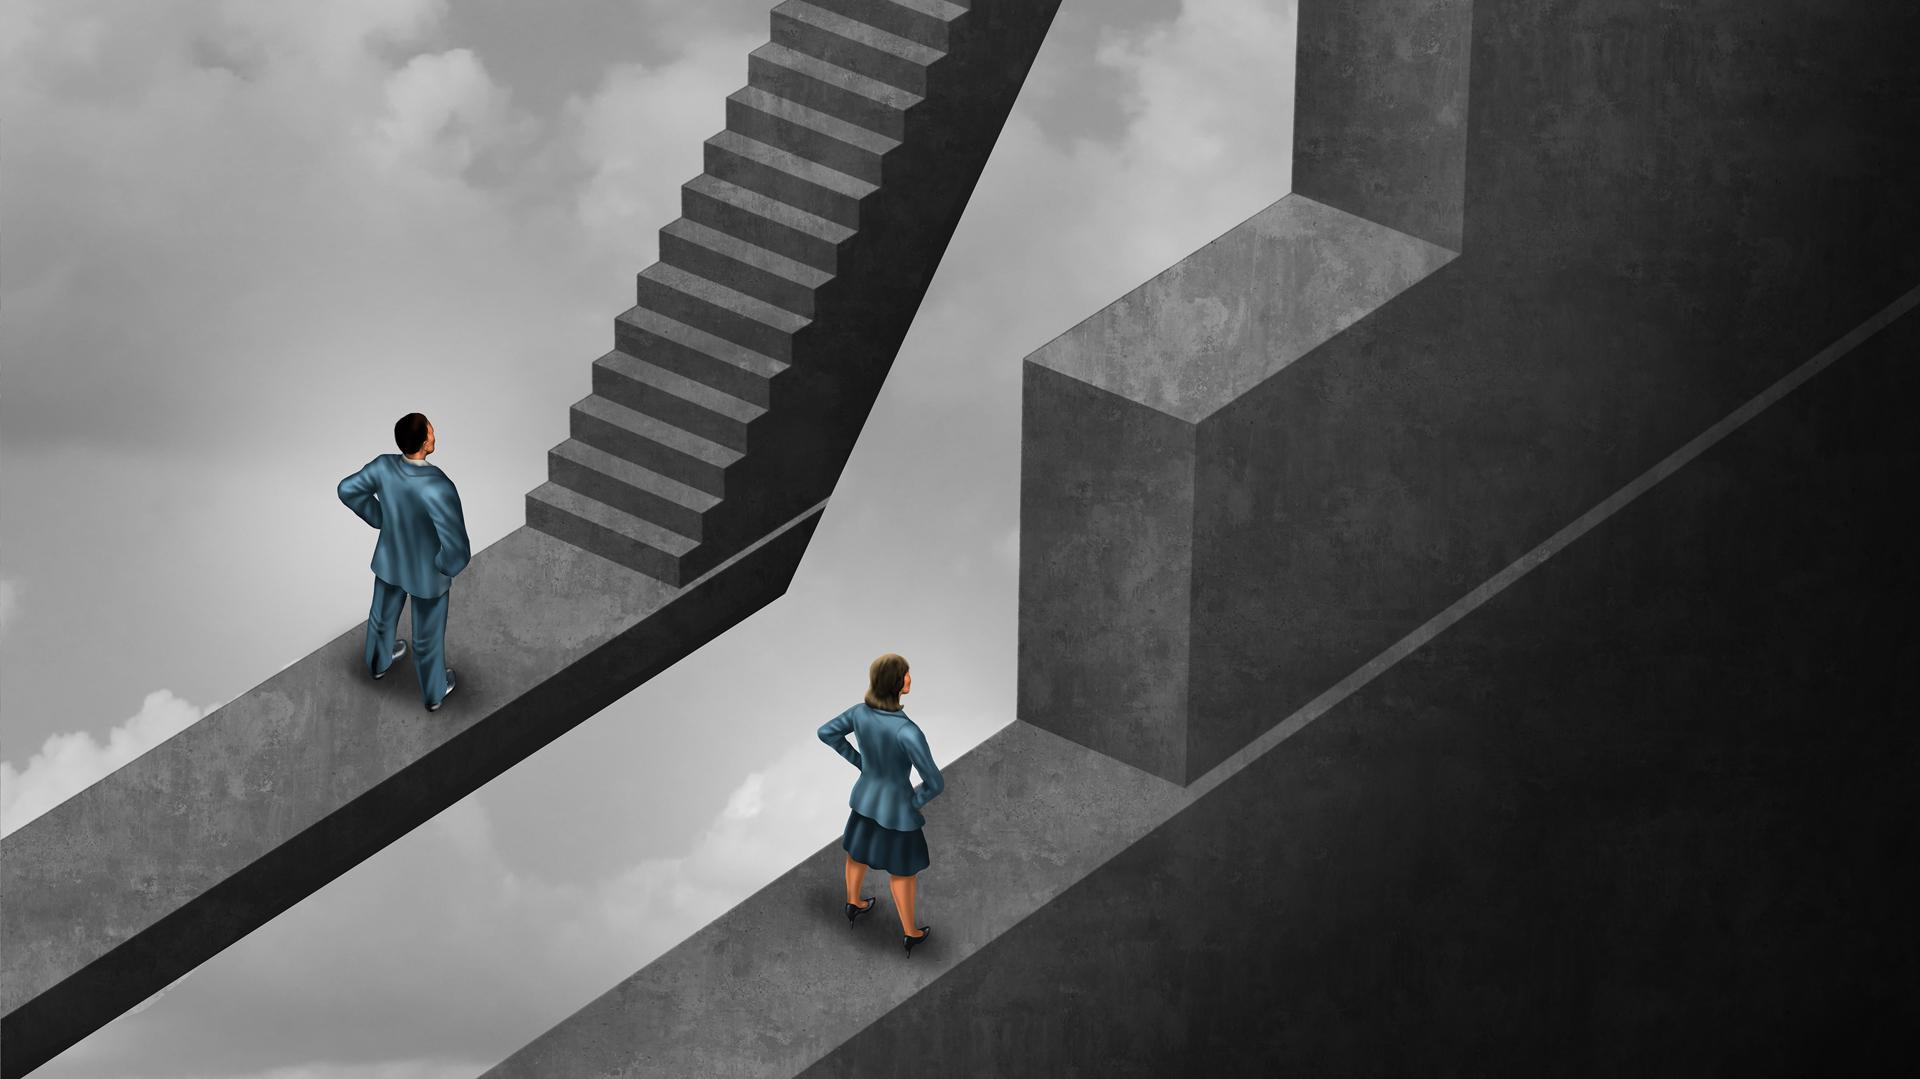 Brecha de género: de qué manera se manifiesta la discrepancia salarial  entre mujeres y hombres - Infobae